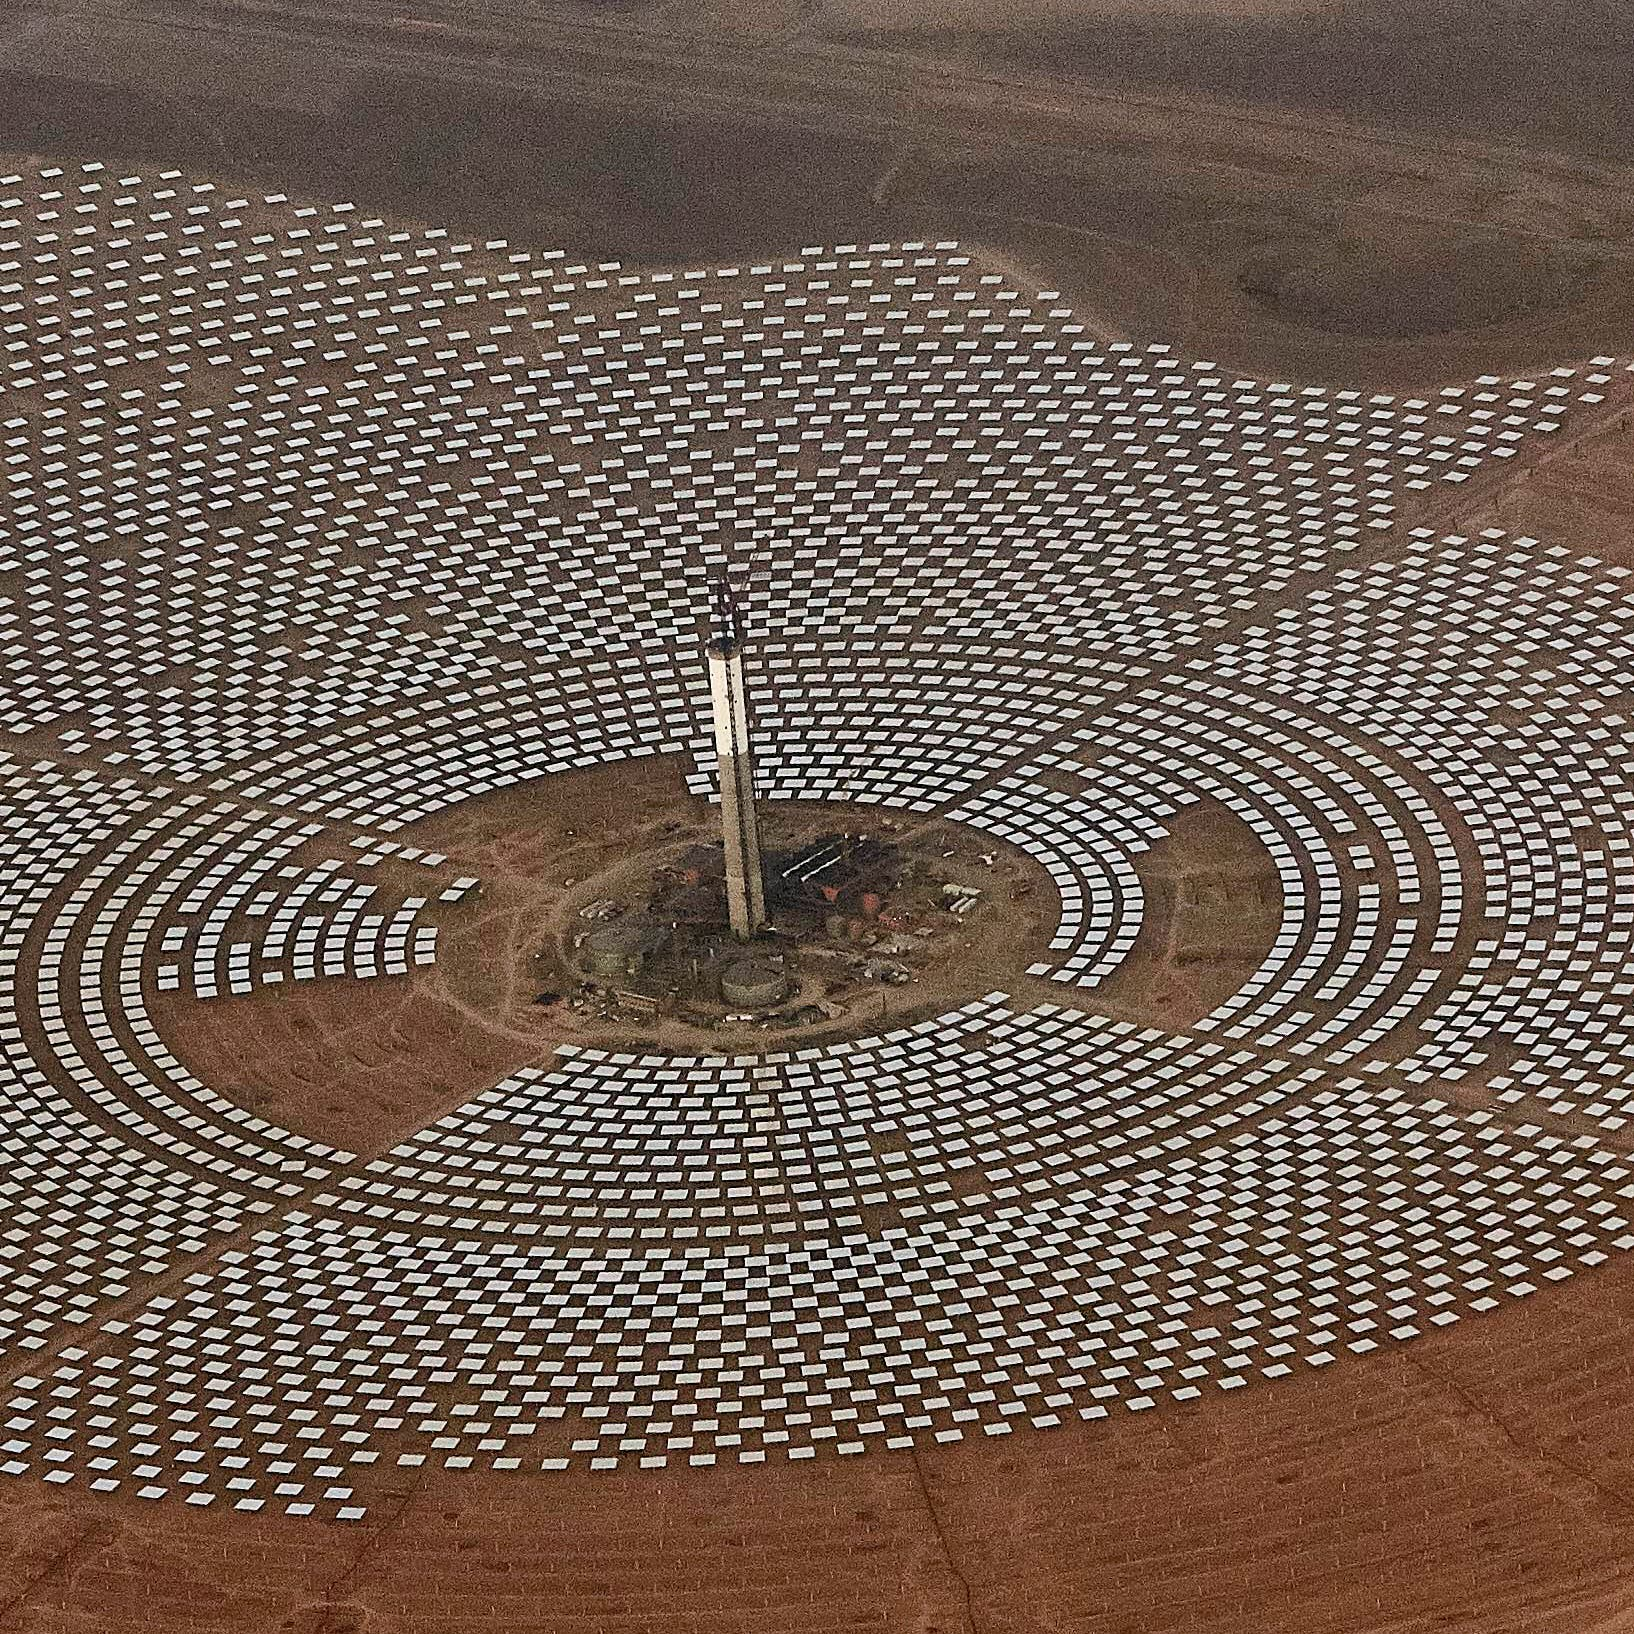 المغرب يطلق مشروعا جديداً للطاقة الشمسية في جبال الأطلس